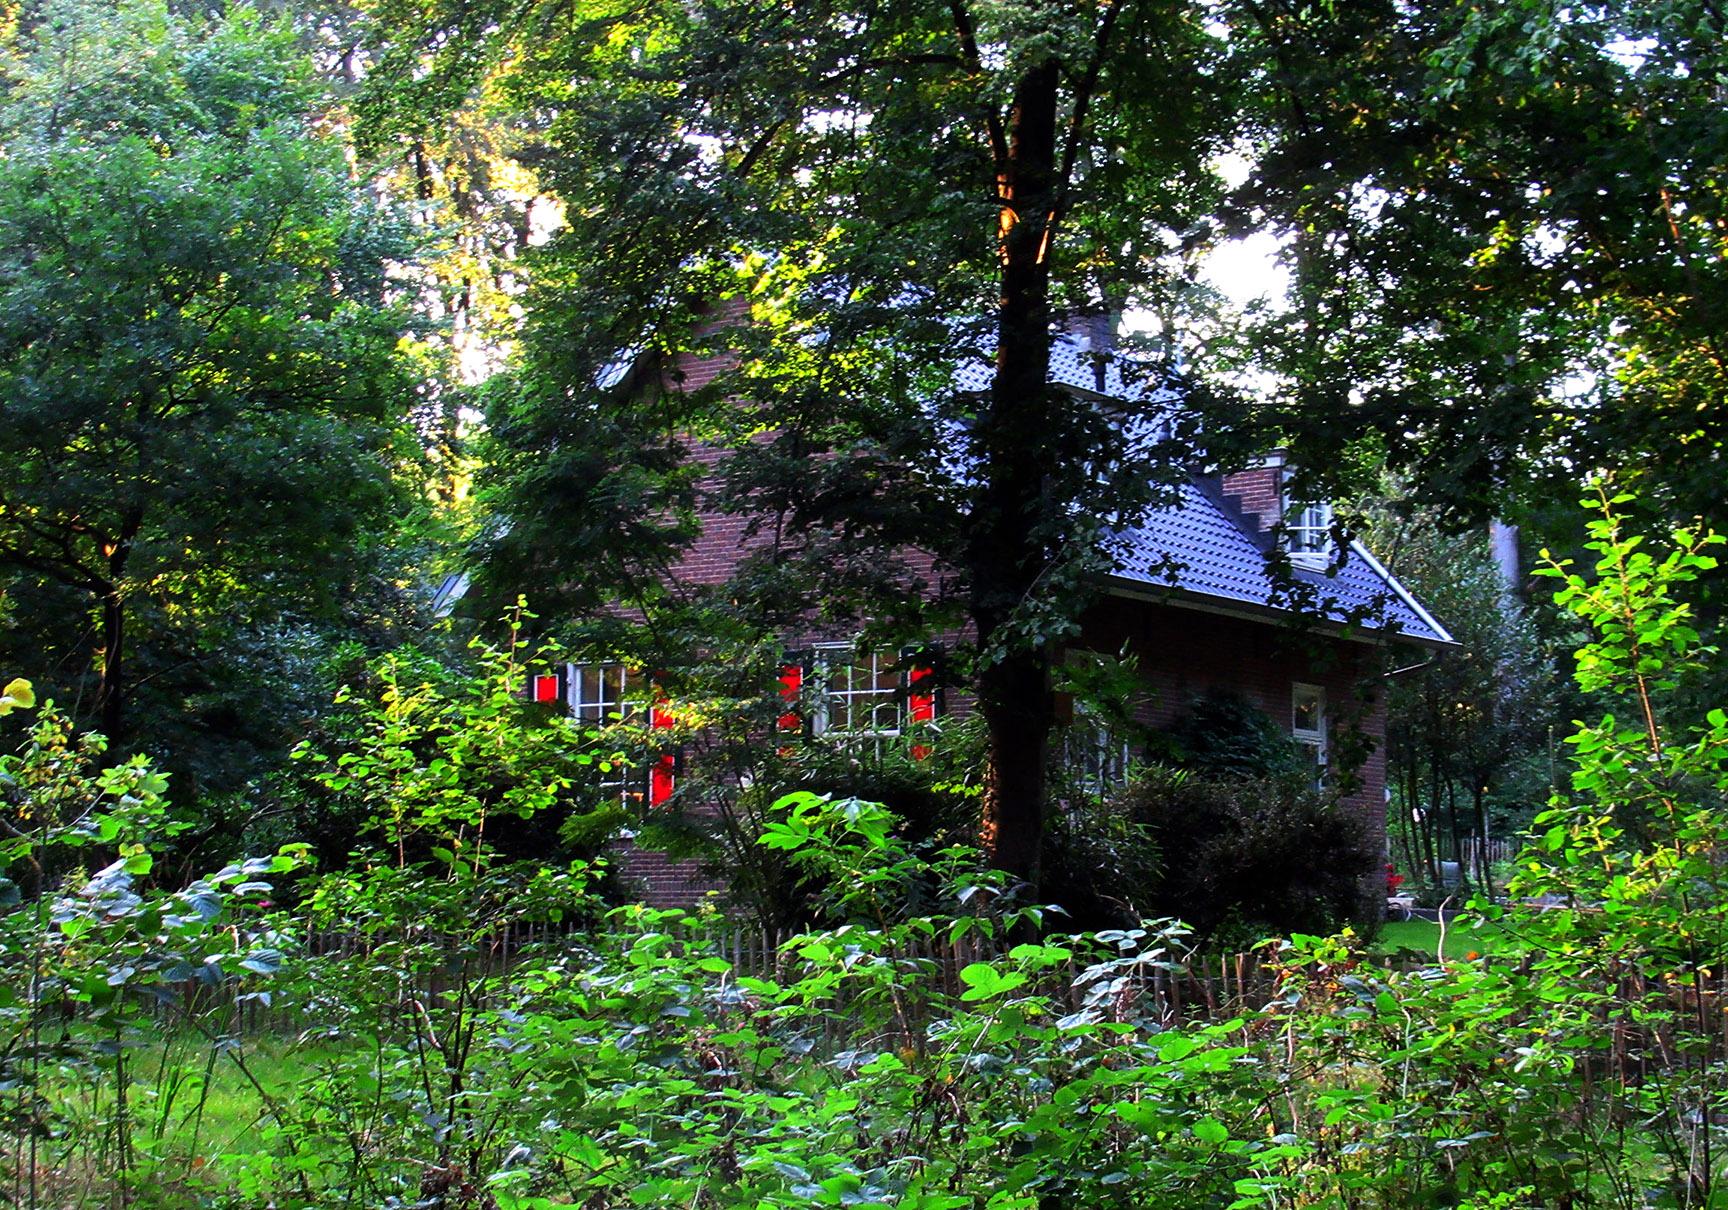 Vanaf Renkum fietsen we naar Bennekom en halverwege passeren we de oude boswachterswoning van onze vriend Jan Willems verscholen tussen het groen -Foto: © Louis Fraanje